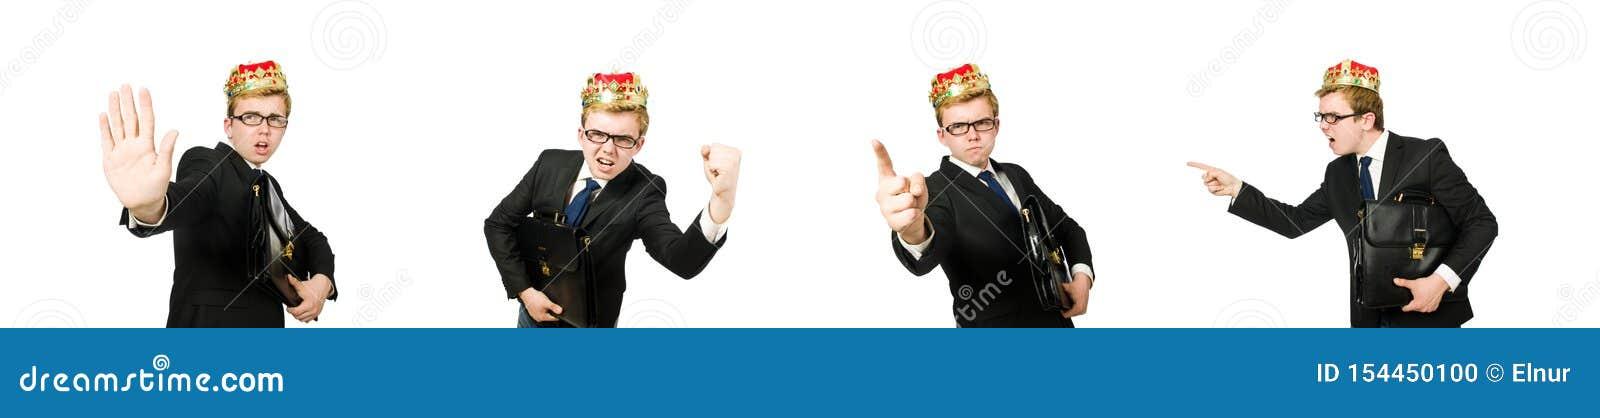 Бизнесмен короля в смешной концепции